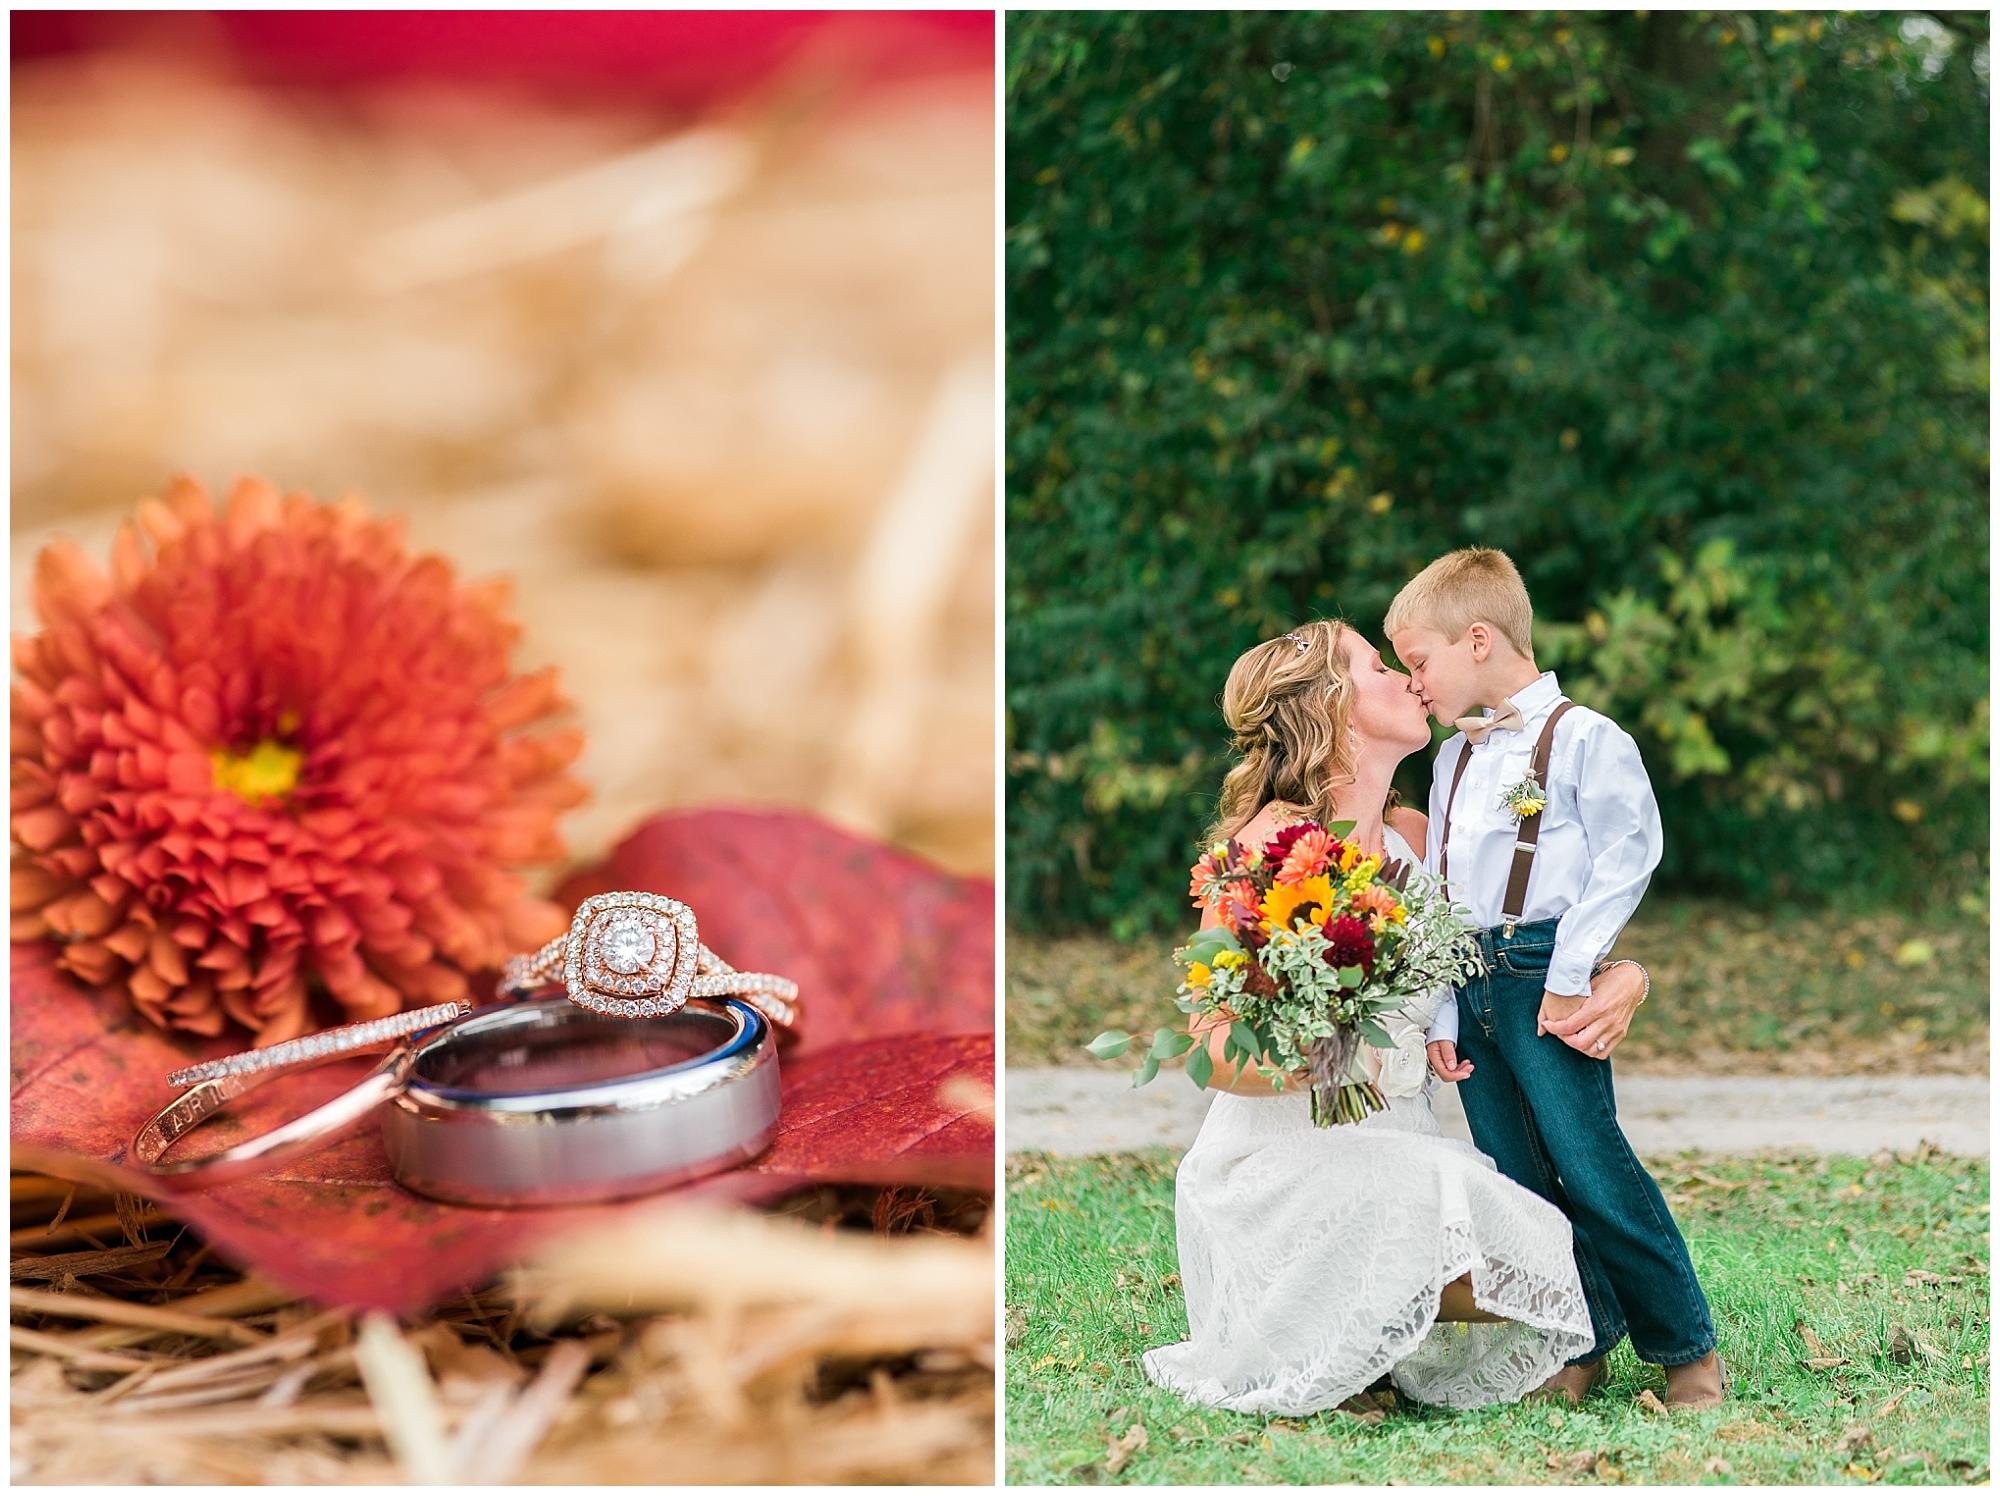 bride-son-wedding-pics